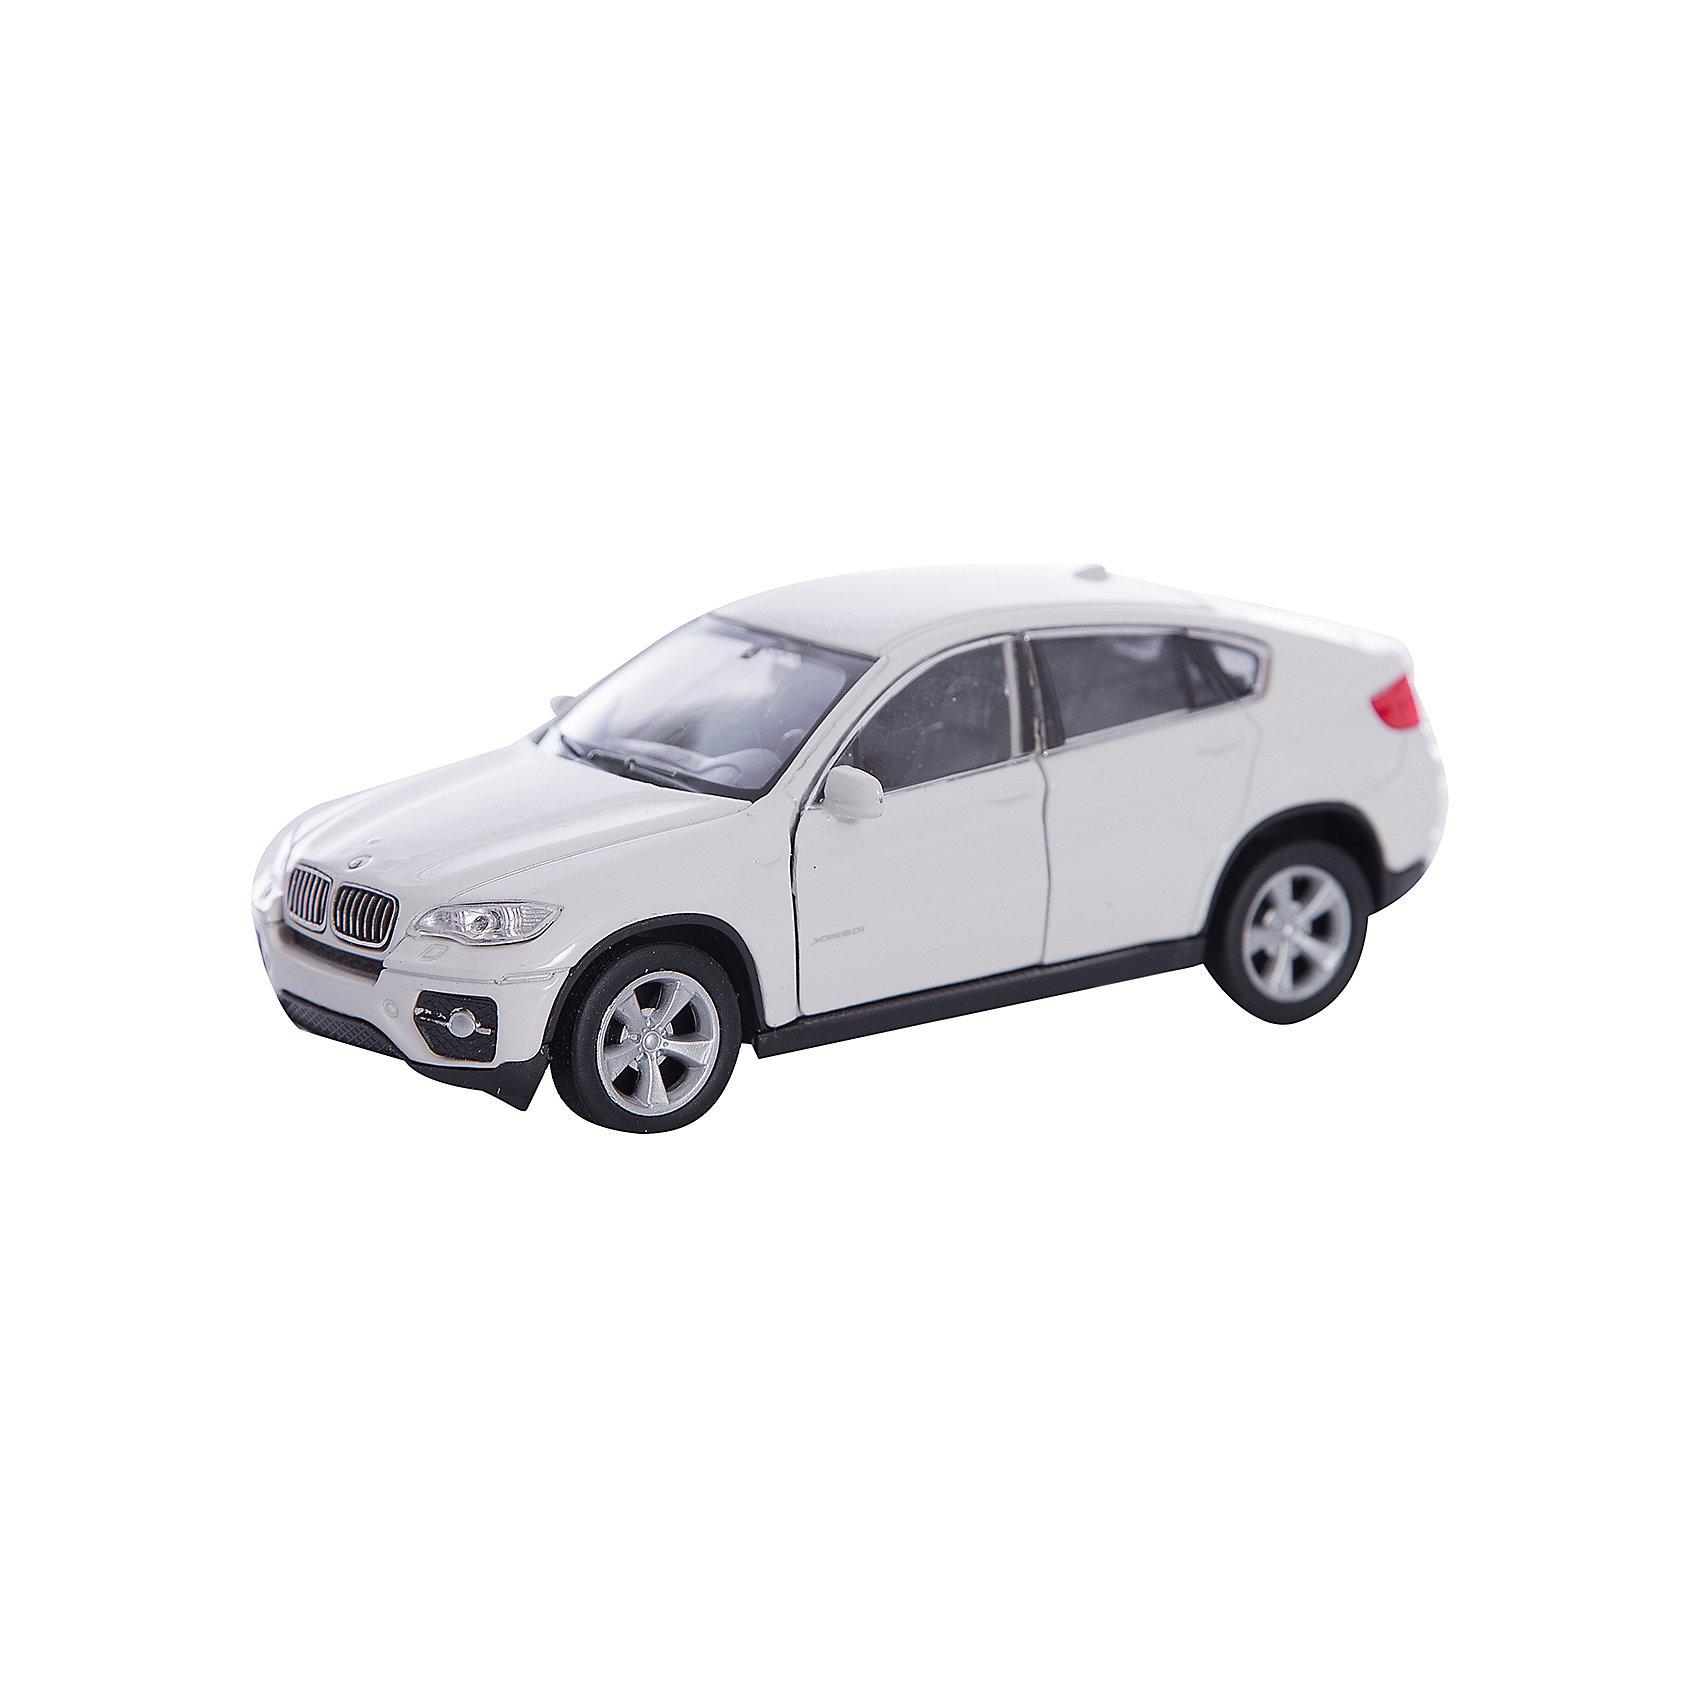 Модель машины 1:38  BMW X6, WellyКоллекционные модели<br>Коллекционная модель масштаба 1:34 BMW X6. Функции: открываются передние двери, инерционный механизм.<br>Цвет кузова автомобиля представлен в ассортименте. Выбрать определенный цвет заранее не представляется возможным.<br><br>Ширина мм: 60<br>Глубина мм: 110<br>Высота мм: 150<br>Вес г: 153<br>Возраст от месяцев: 36<br>Возраст до месяцев: 192<br>Пол: Мужской<br>Возраст: Детский<br>SKU: 4966524